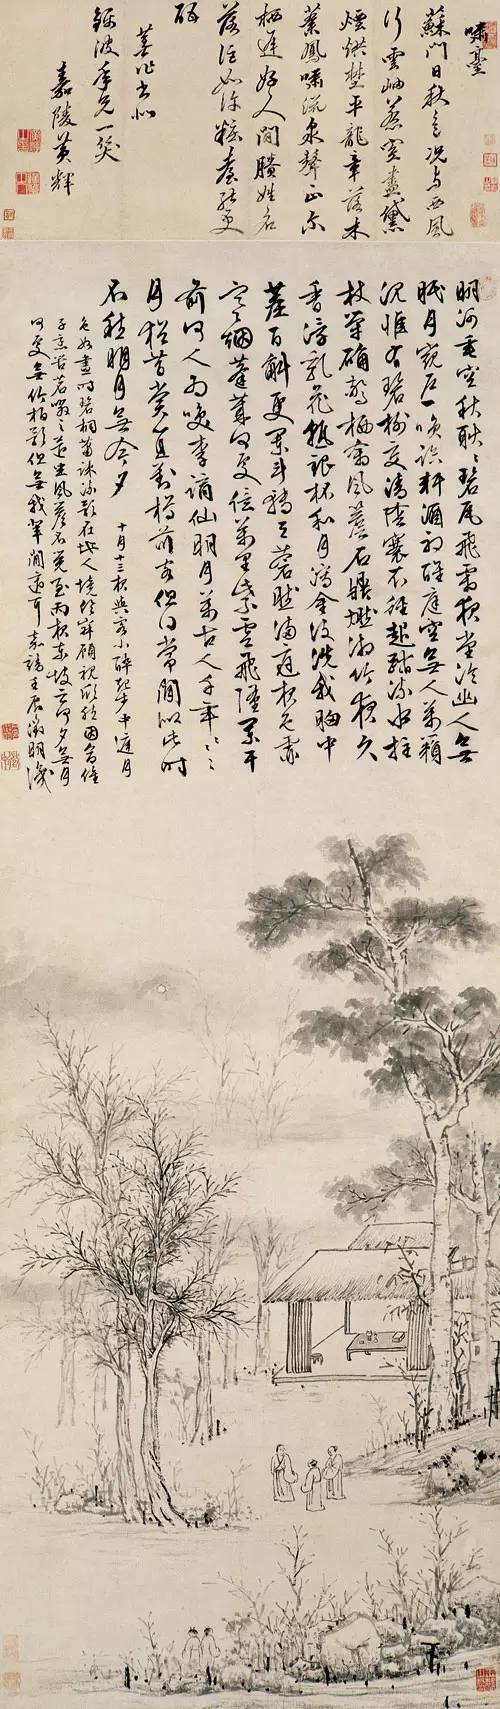 中国书画里的中秋(作品解析)